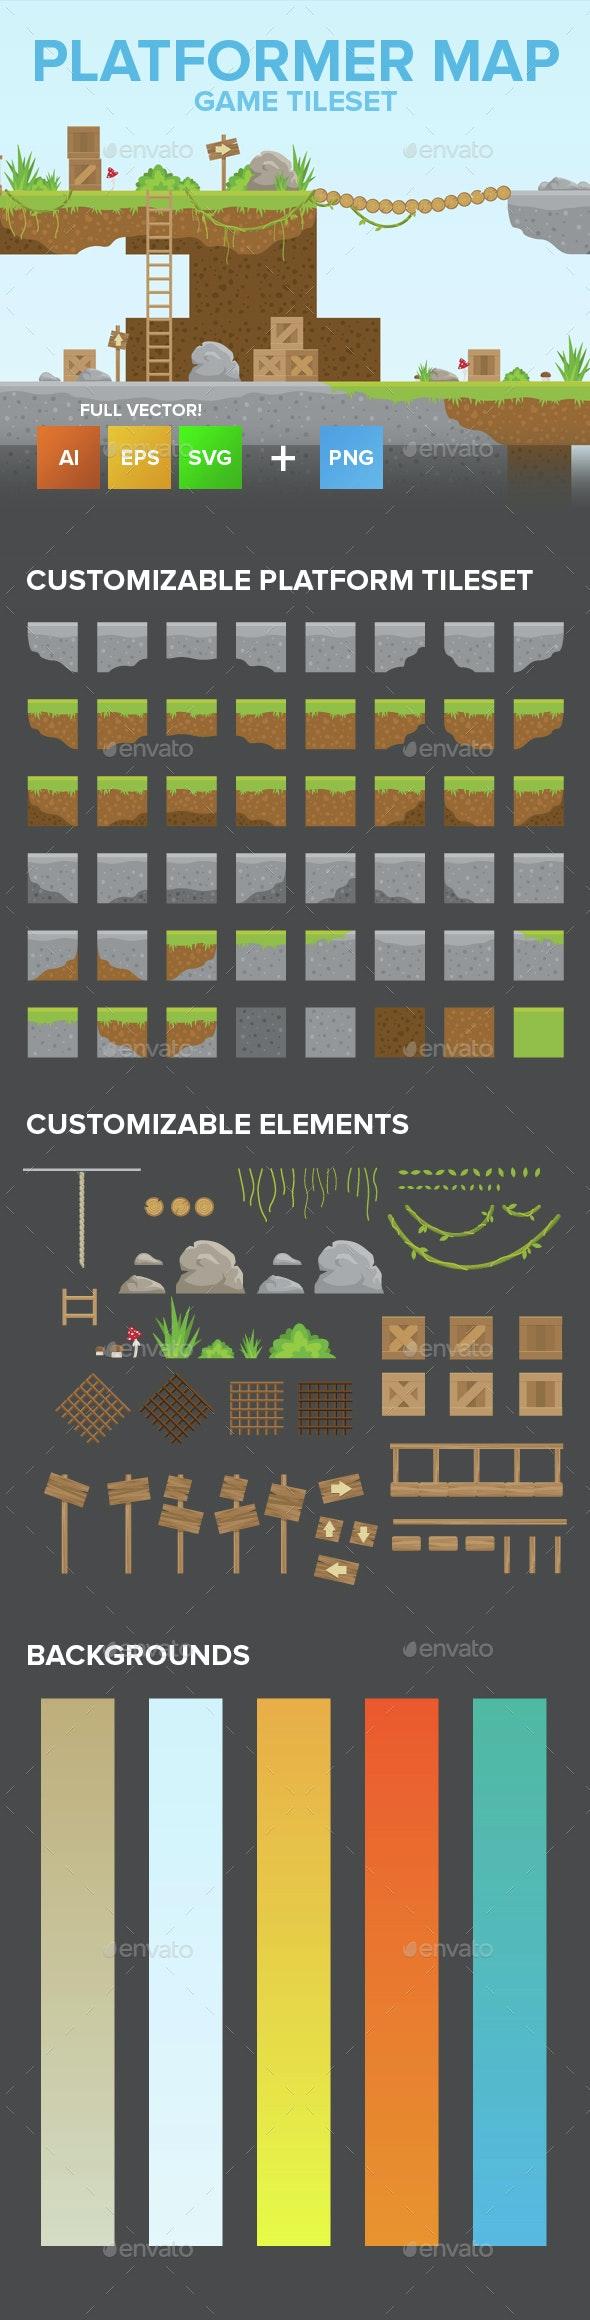 2D Game Platformer Tilesets - Tilesets Game Assets